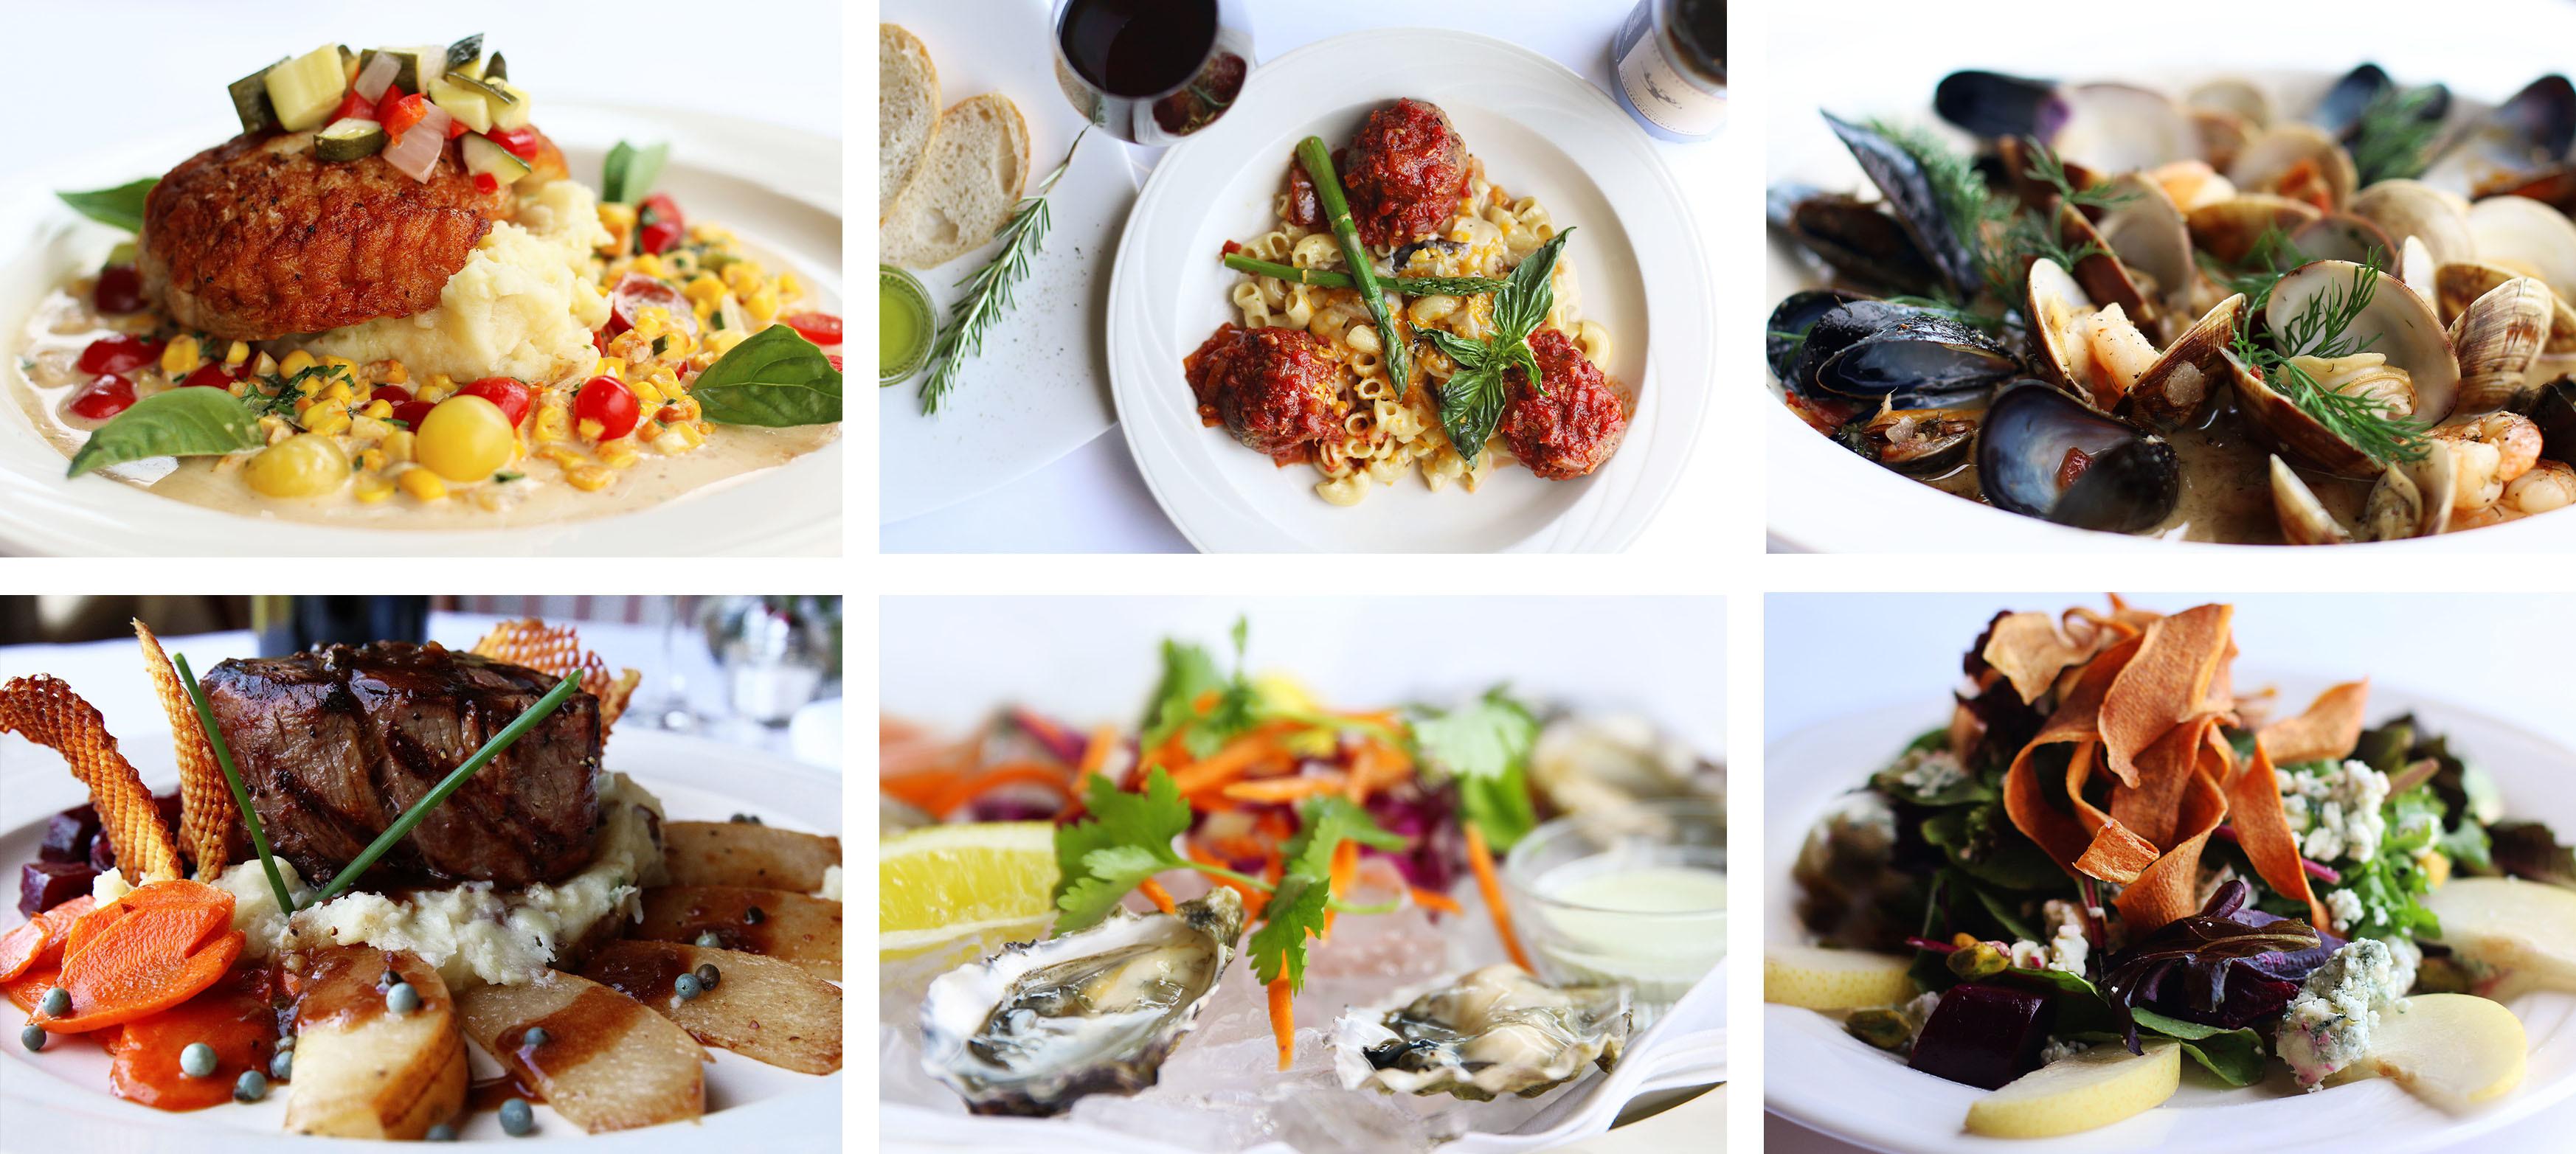 Albion-River-Inn-Dinner-Menu